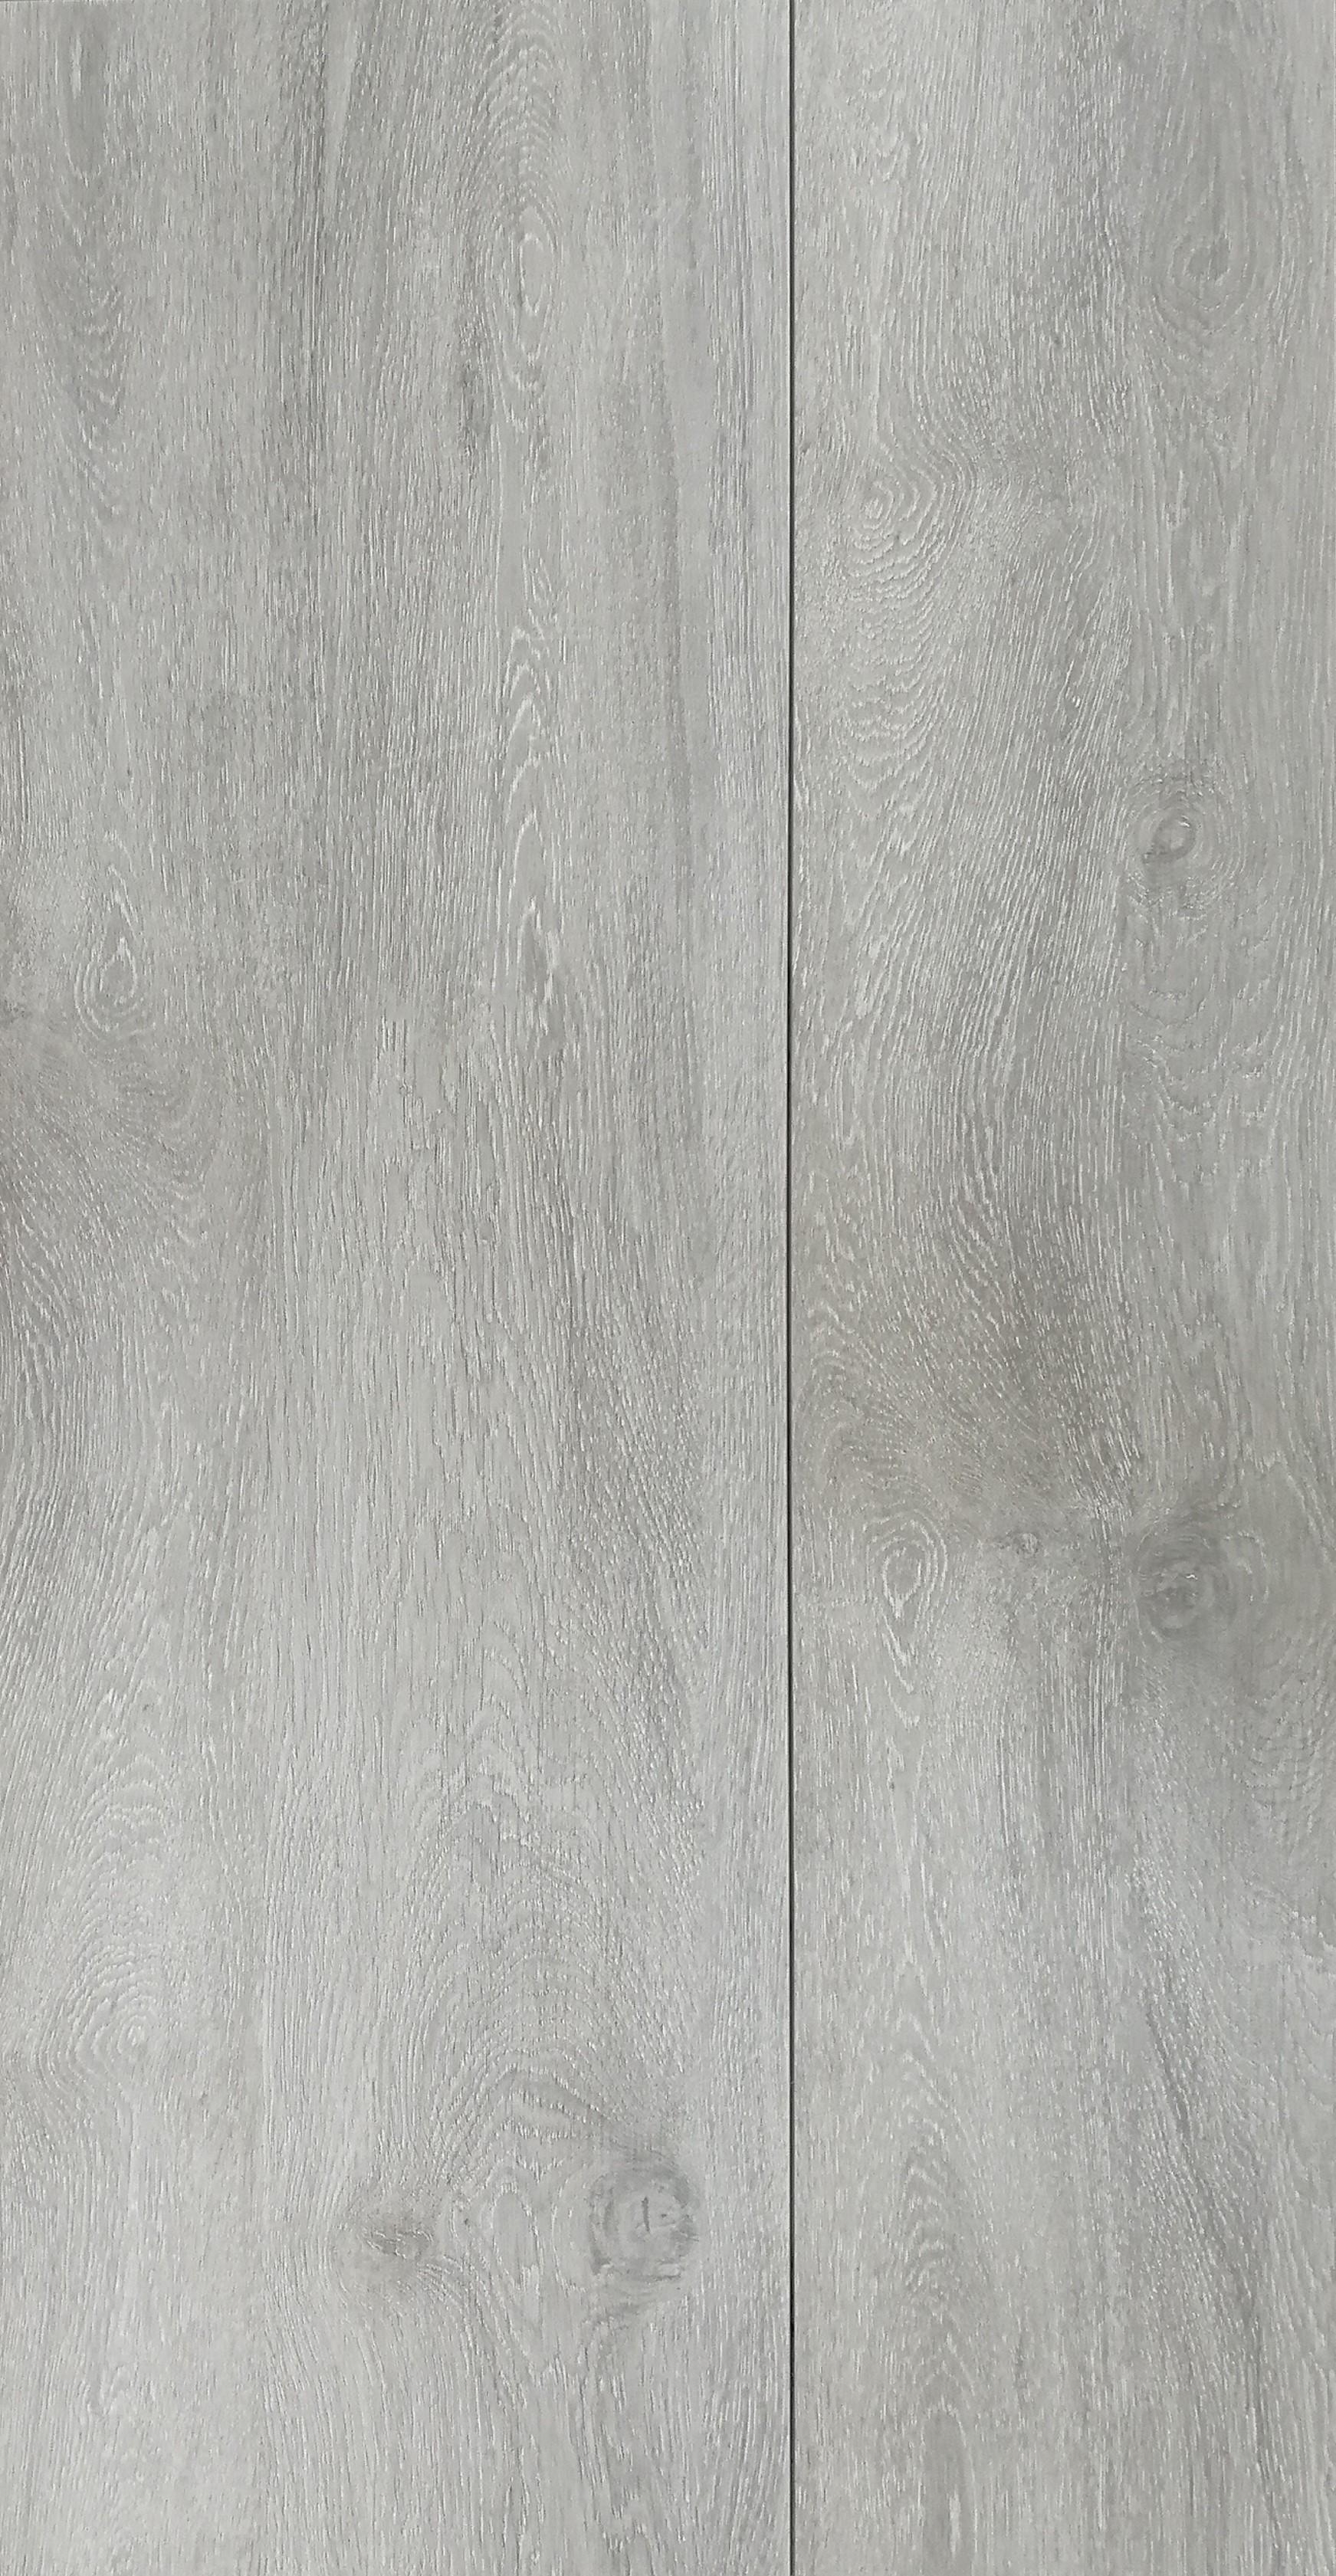 Immagini Gres Porcellanato Effetto Legno gres porcellanato effetto legno grigio 20x120